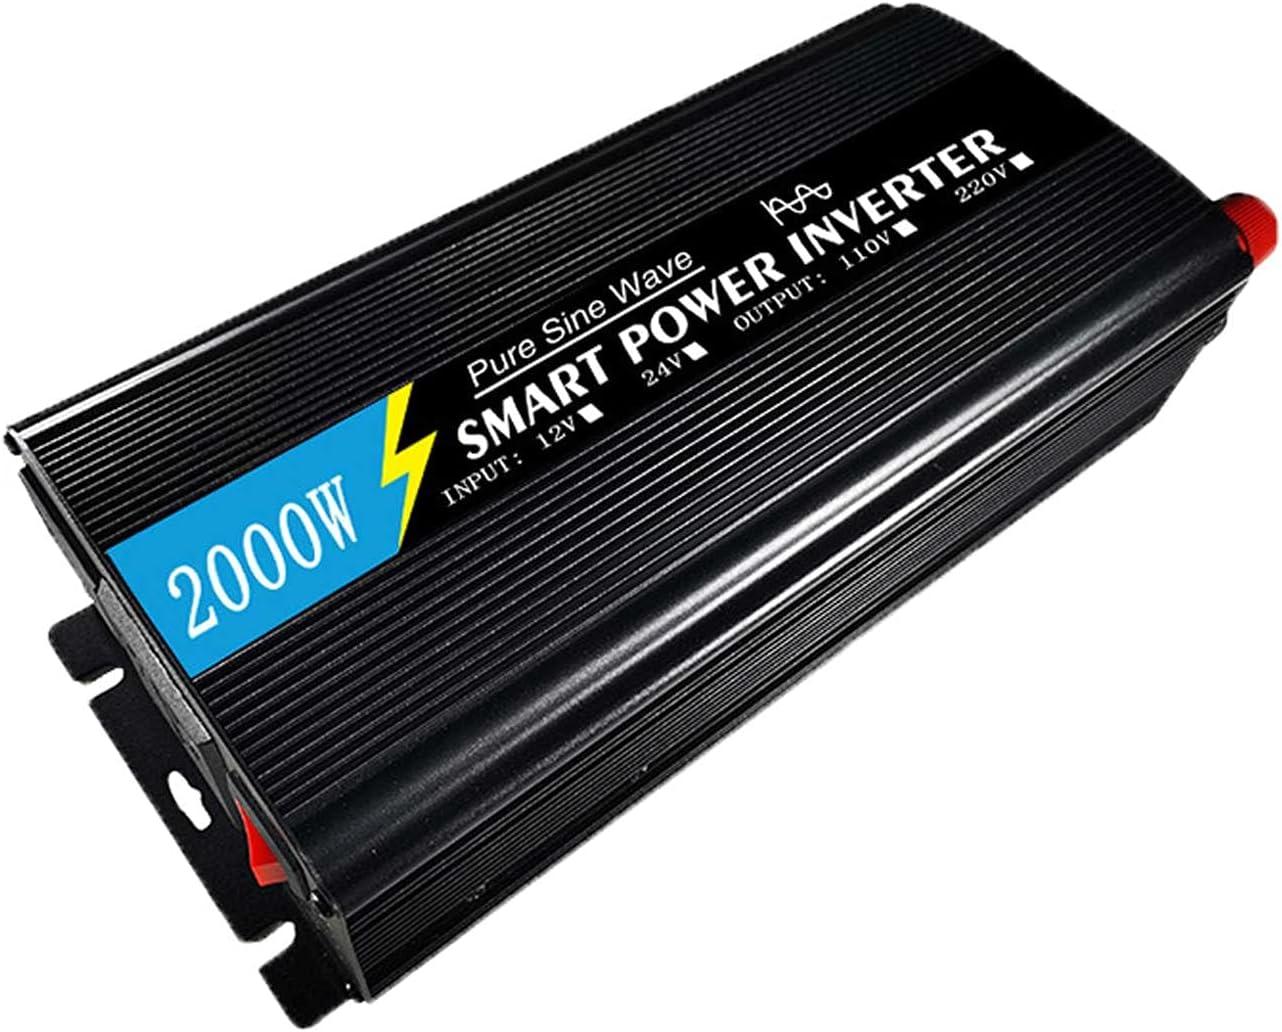 FDQNDXF Inversor de Onda Sinusoidal Pura de 1000 W / 1500 W / 2000 W / 3000 W DC 12 V / 24 V a CA 220 V Convertidor de Potencia con Enchufe, para el Hogar/al Aire Libre Inversor de Coche